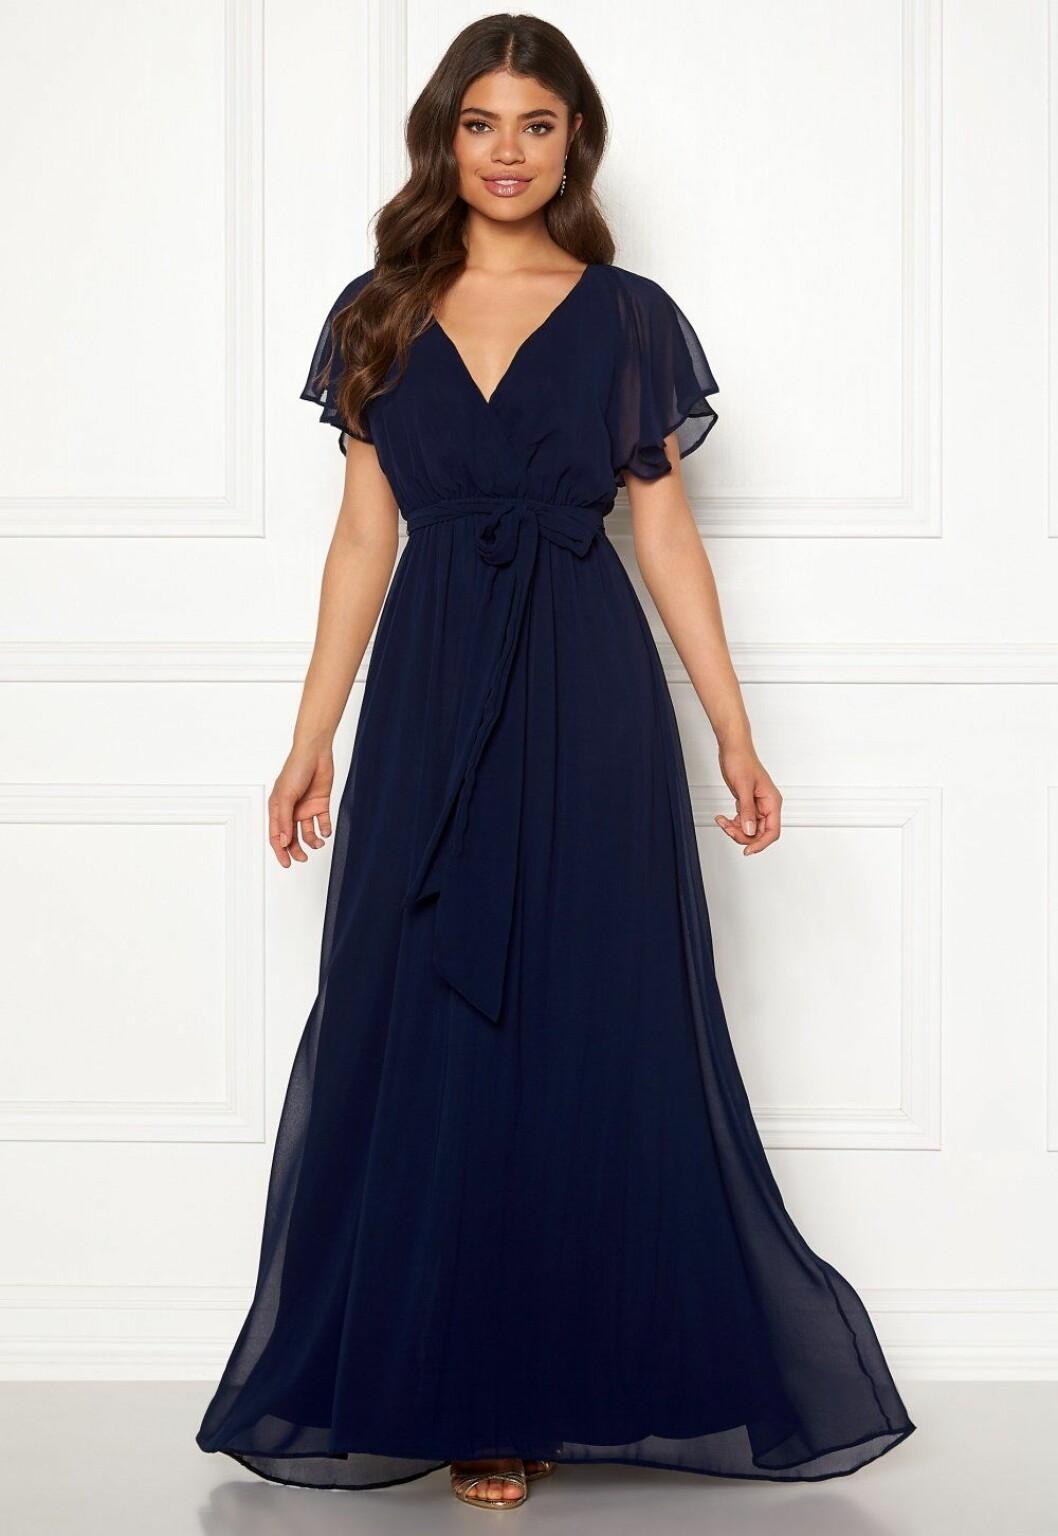 Blå klänning till brudtärna inför bröllopet 2020